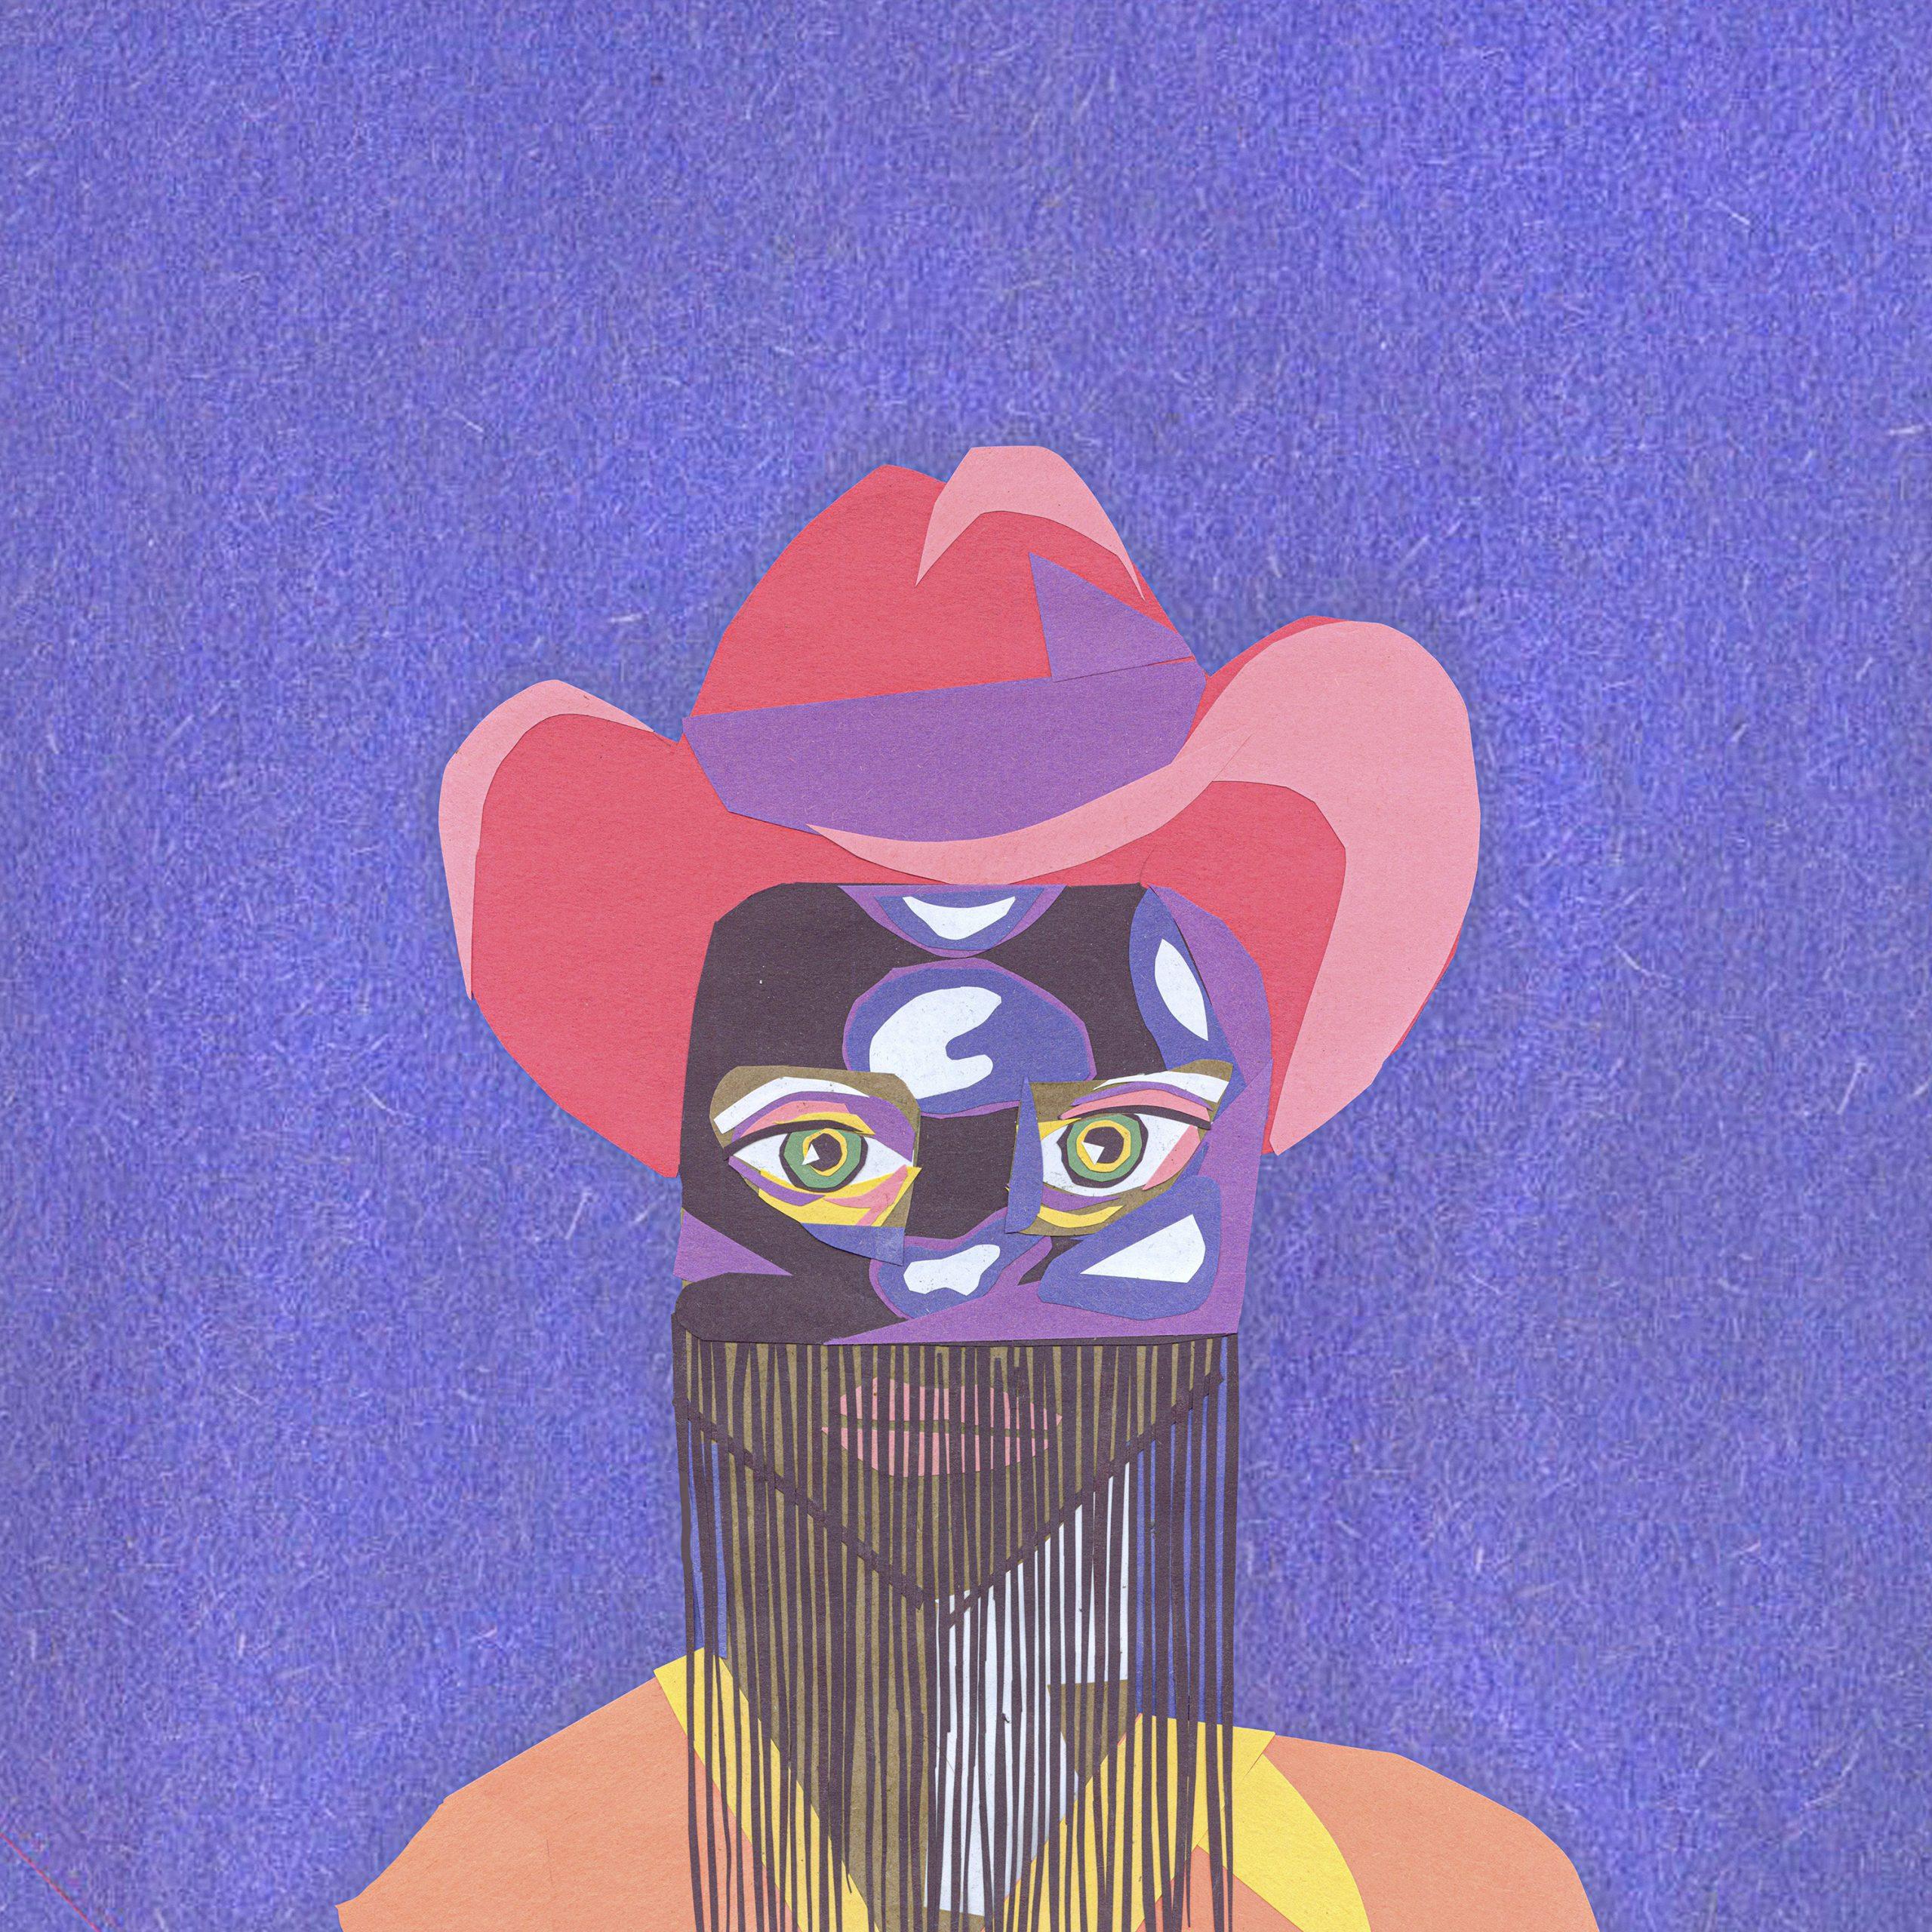 Orville Peck Album cover Show Pony